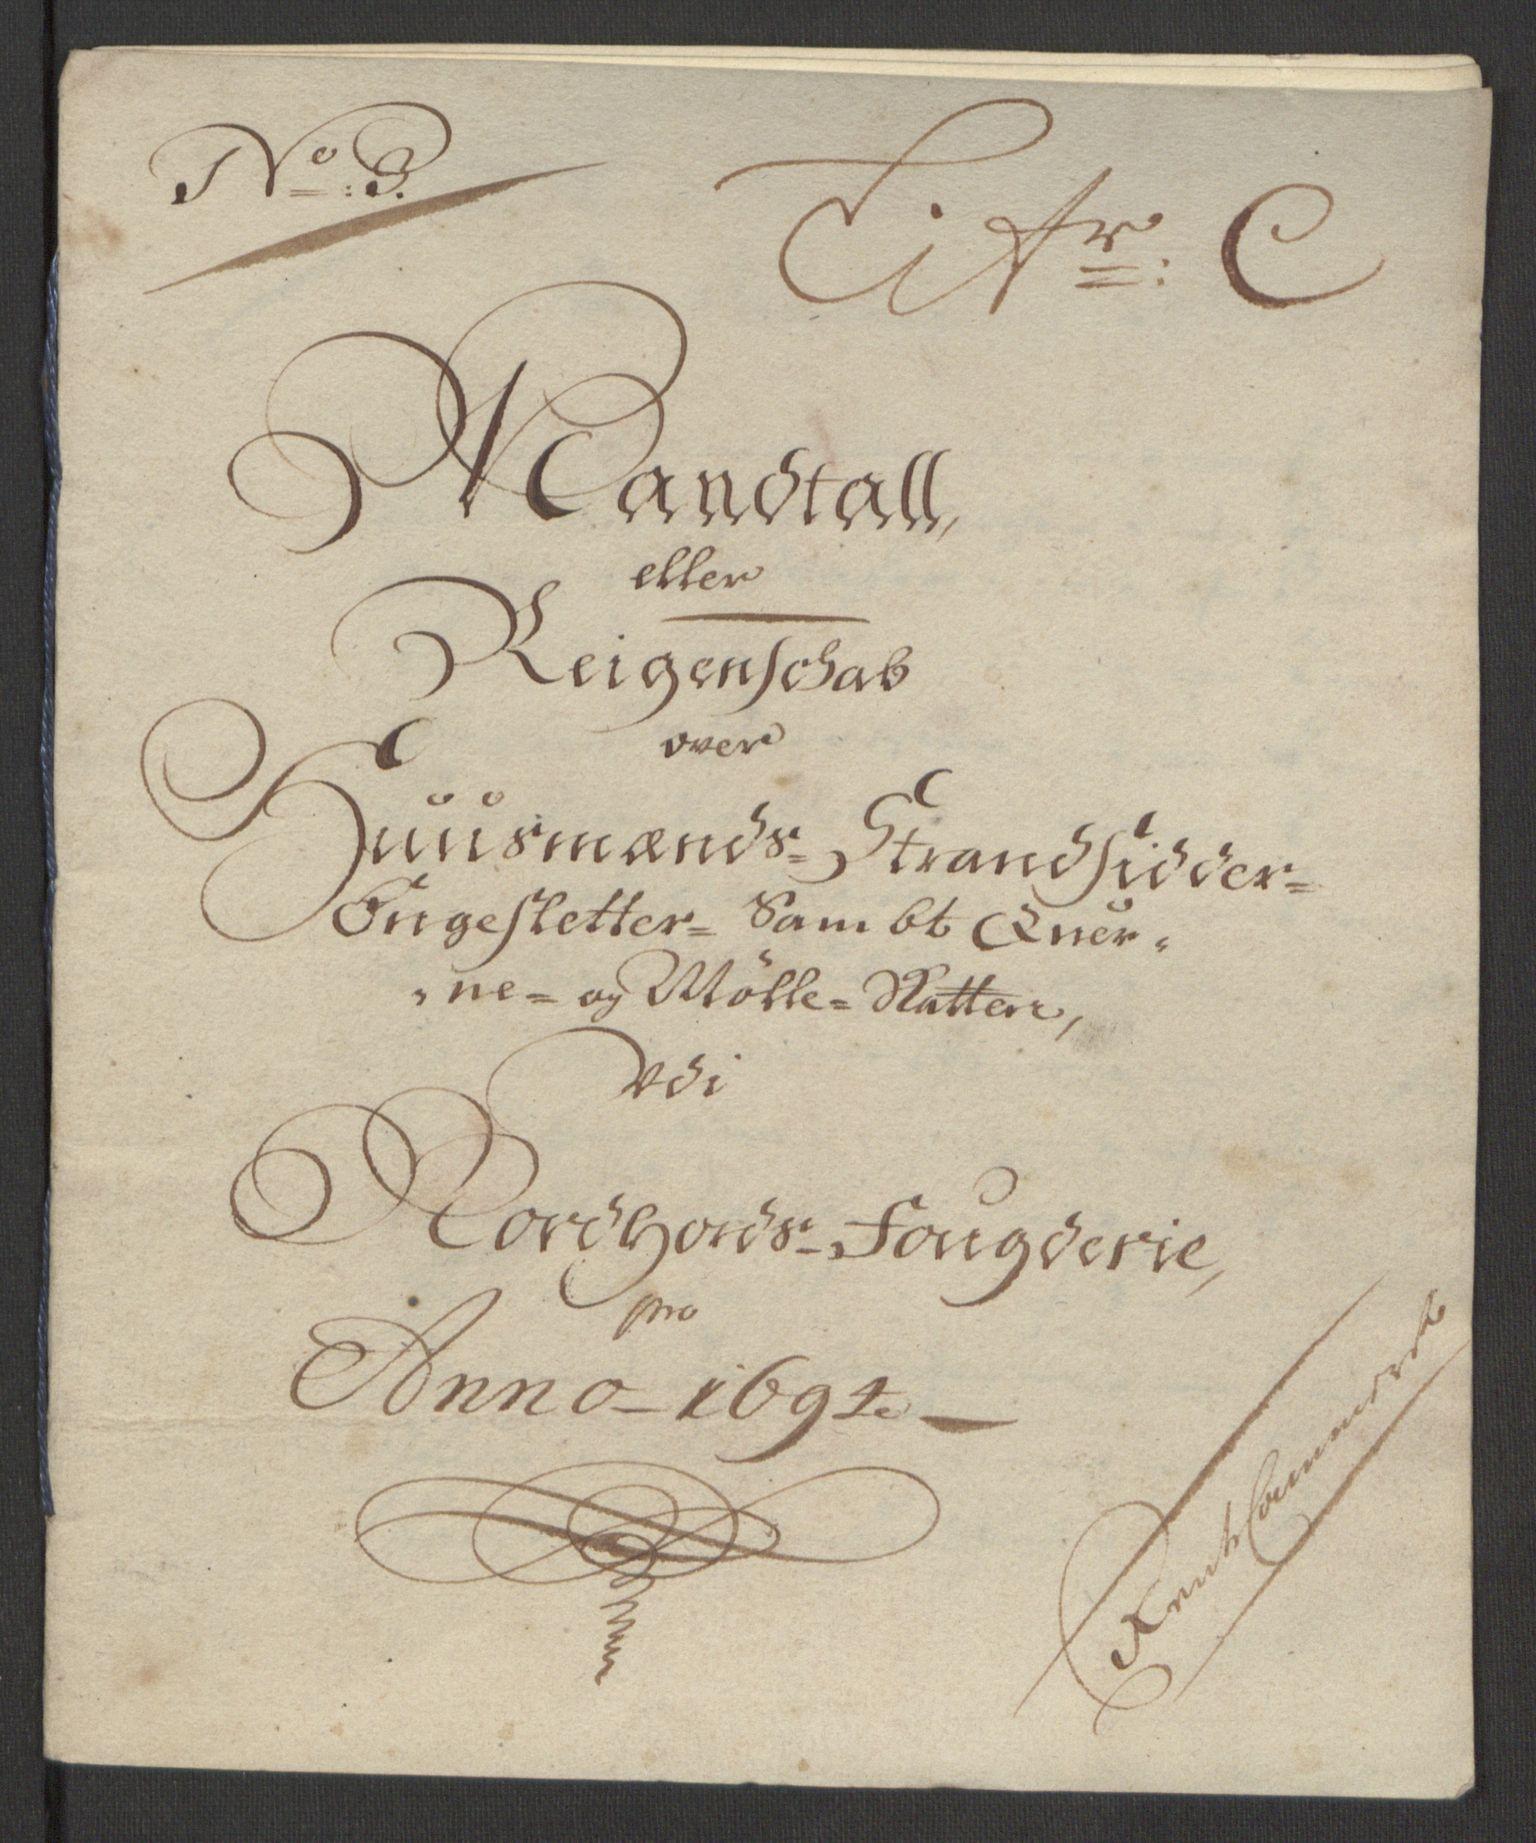 RA, Rentekammeret inntil 1814, Reviderte regnskaper, Fogderegnskap, R51/L3182: Fogderegnskap Nordhordland og Voss, 1694, s. 293